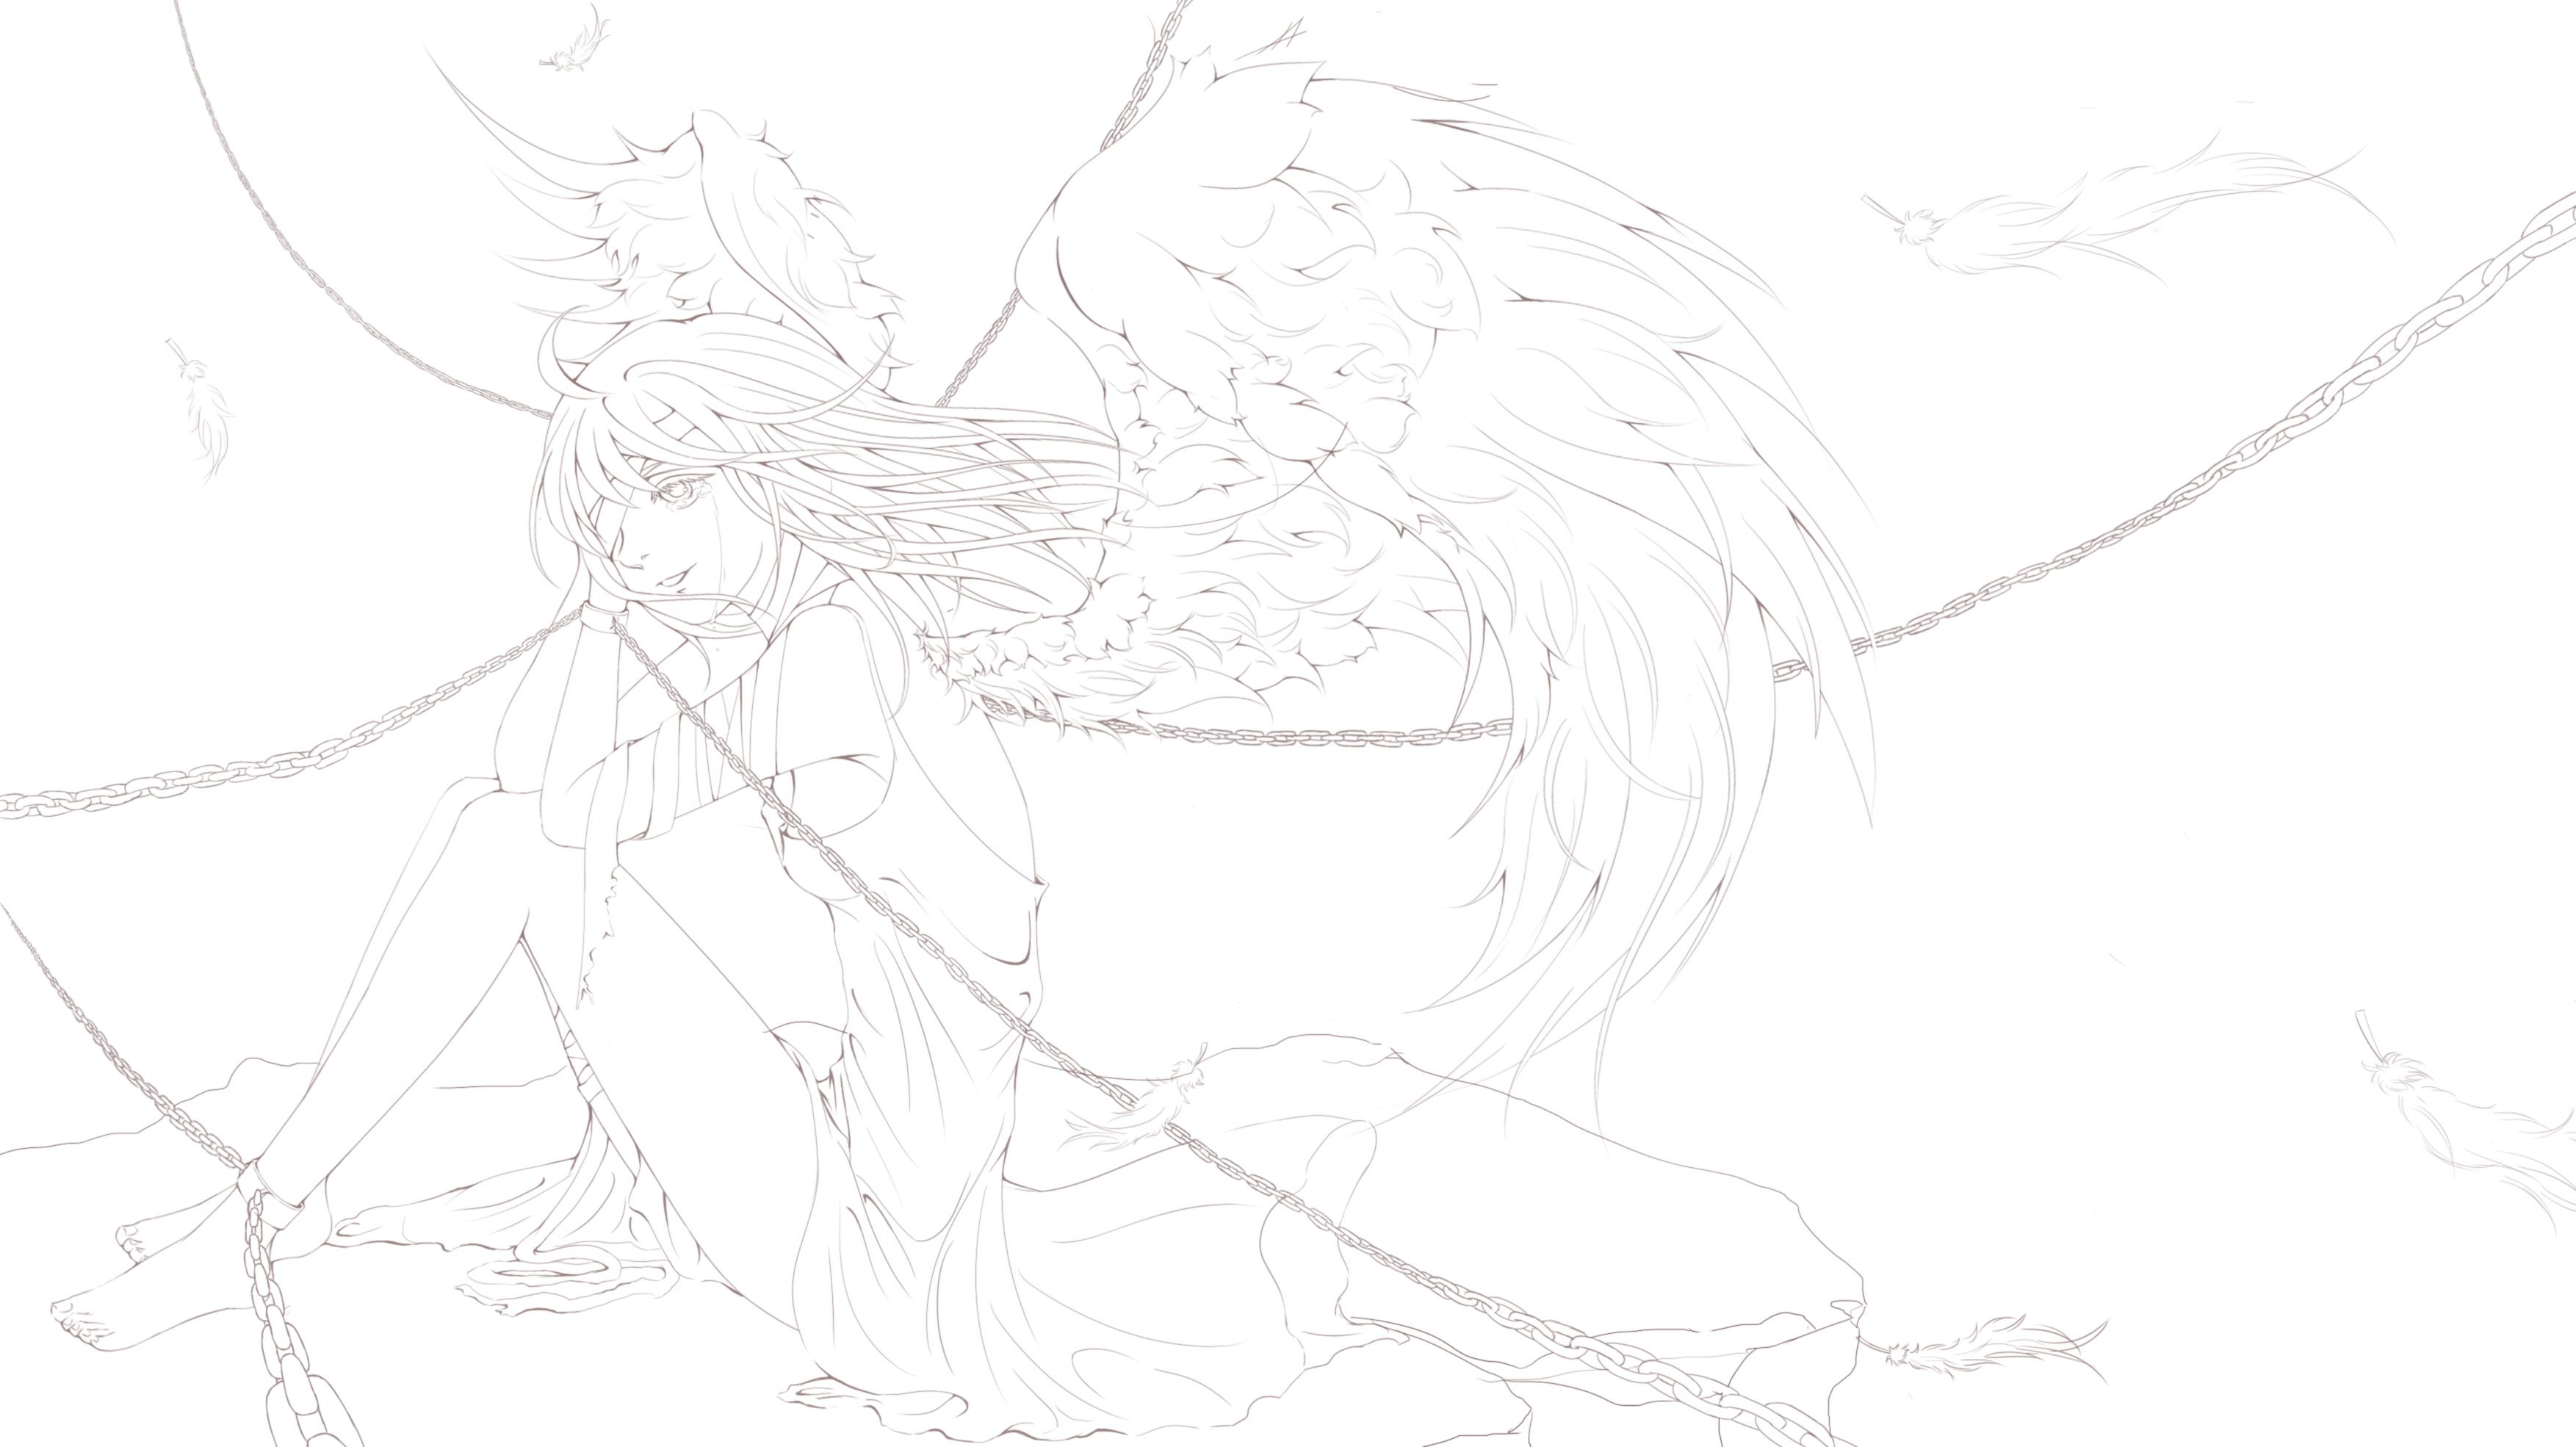 天使简笔画大全图片